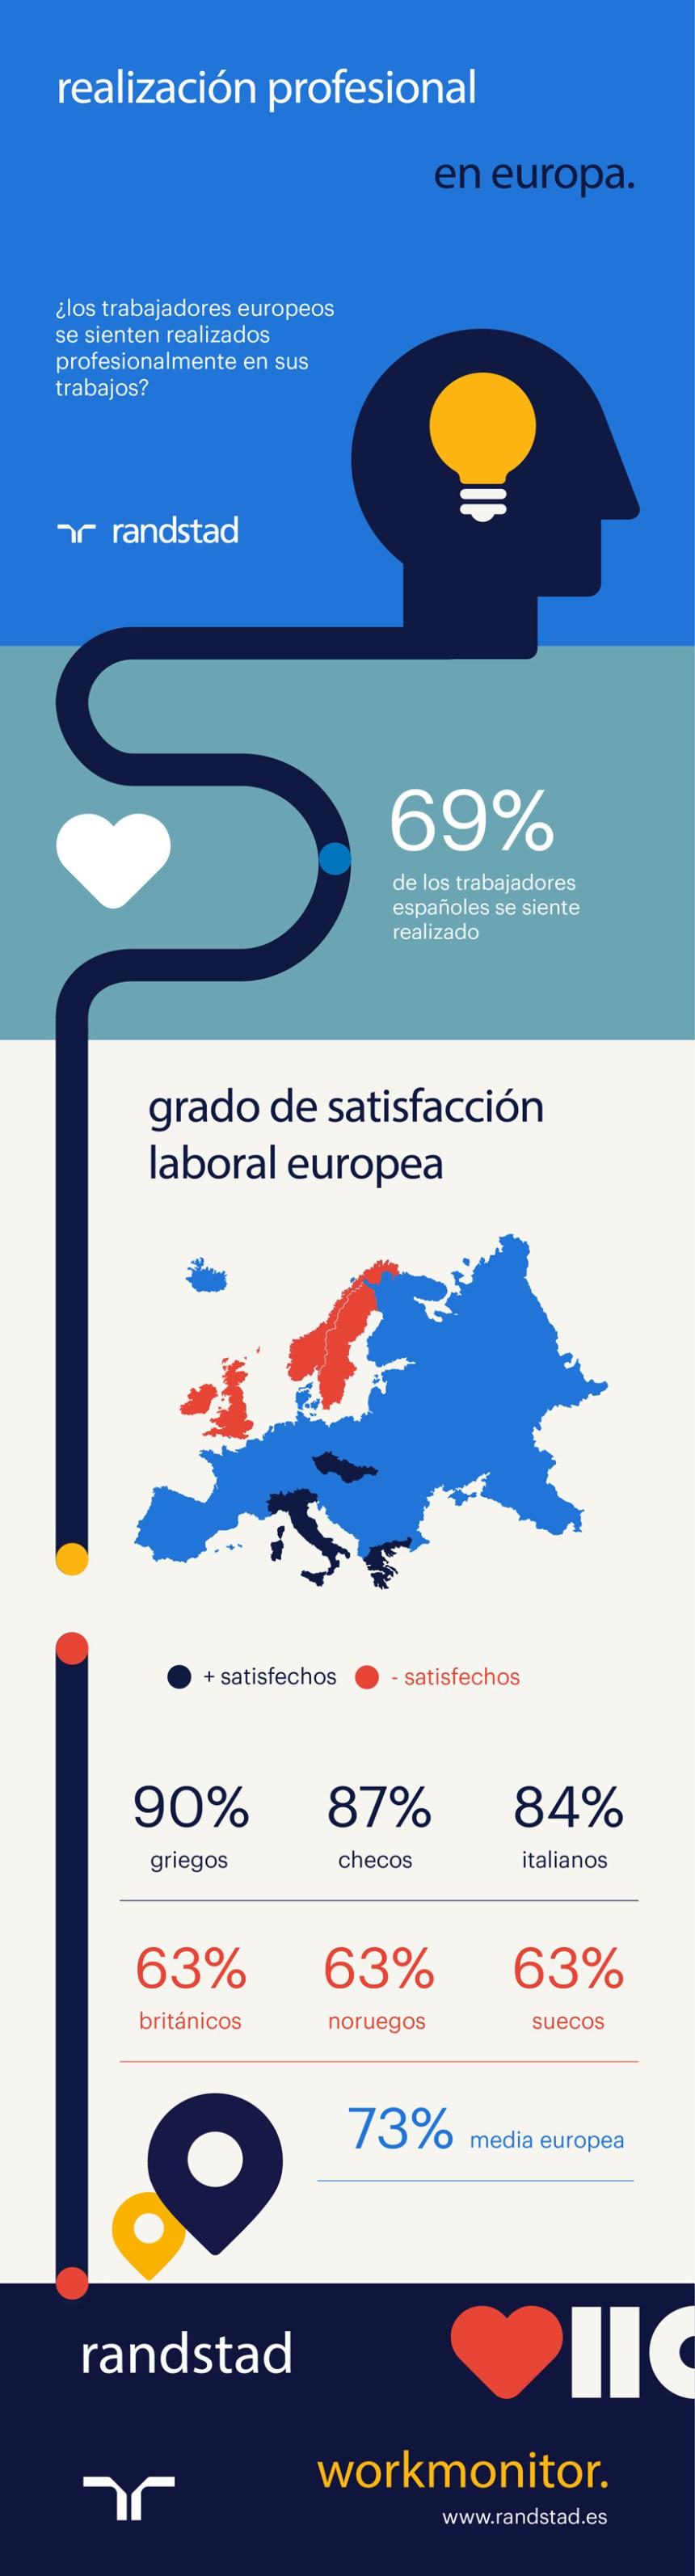 ¿Los trabajadores europeos se sienten profesionalmente realizados? #infografia #rrhh